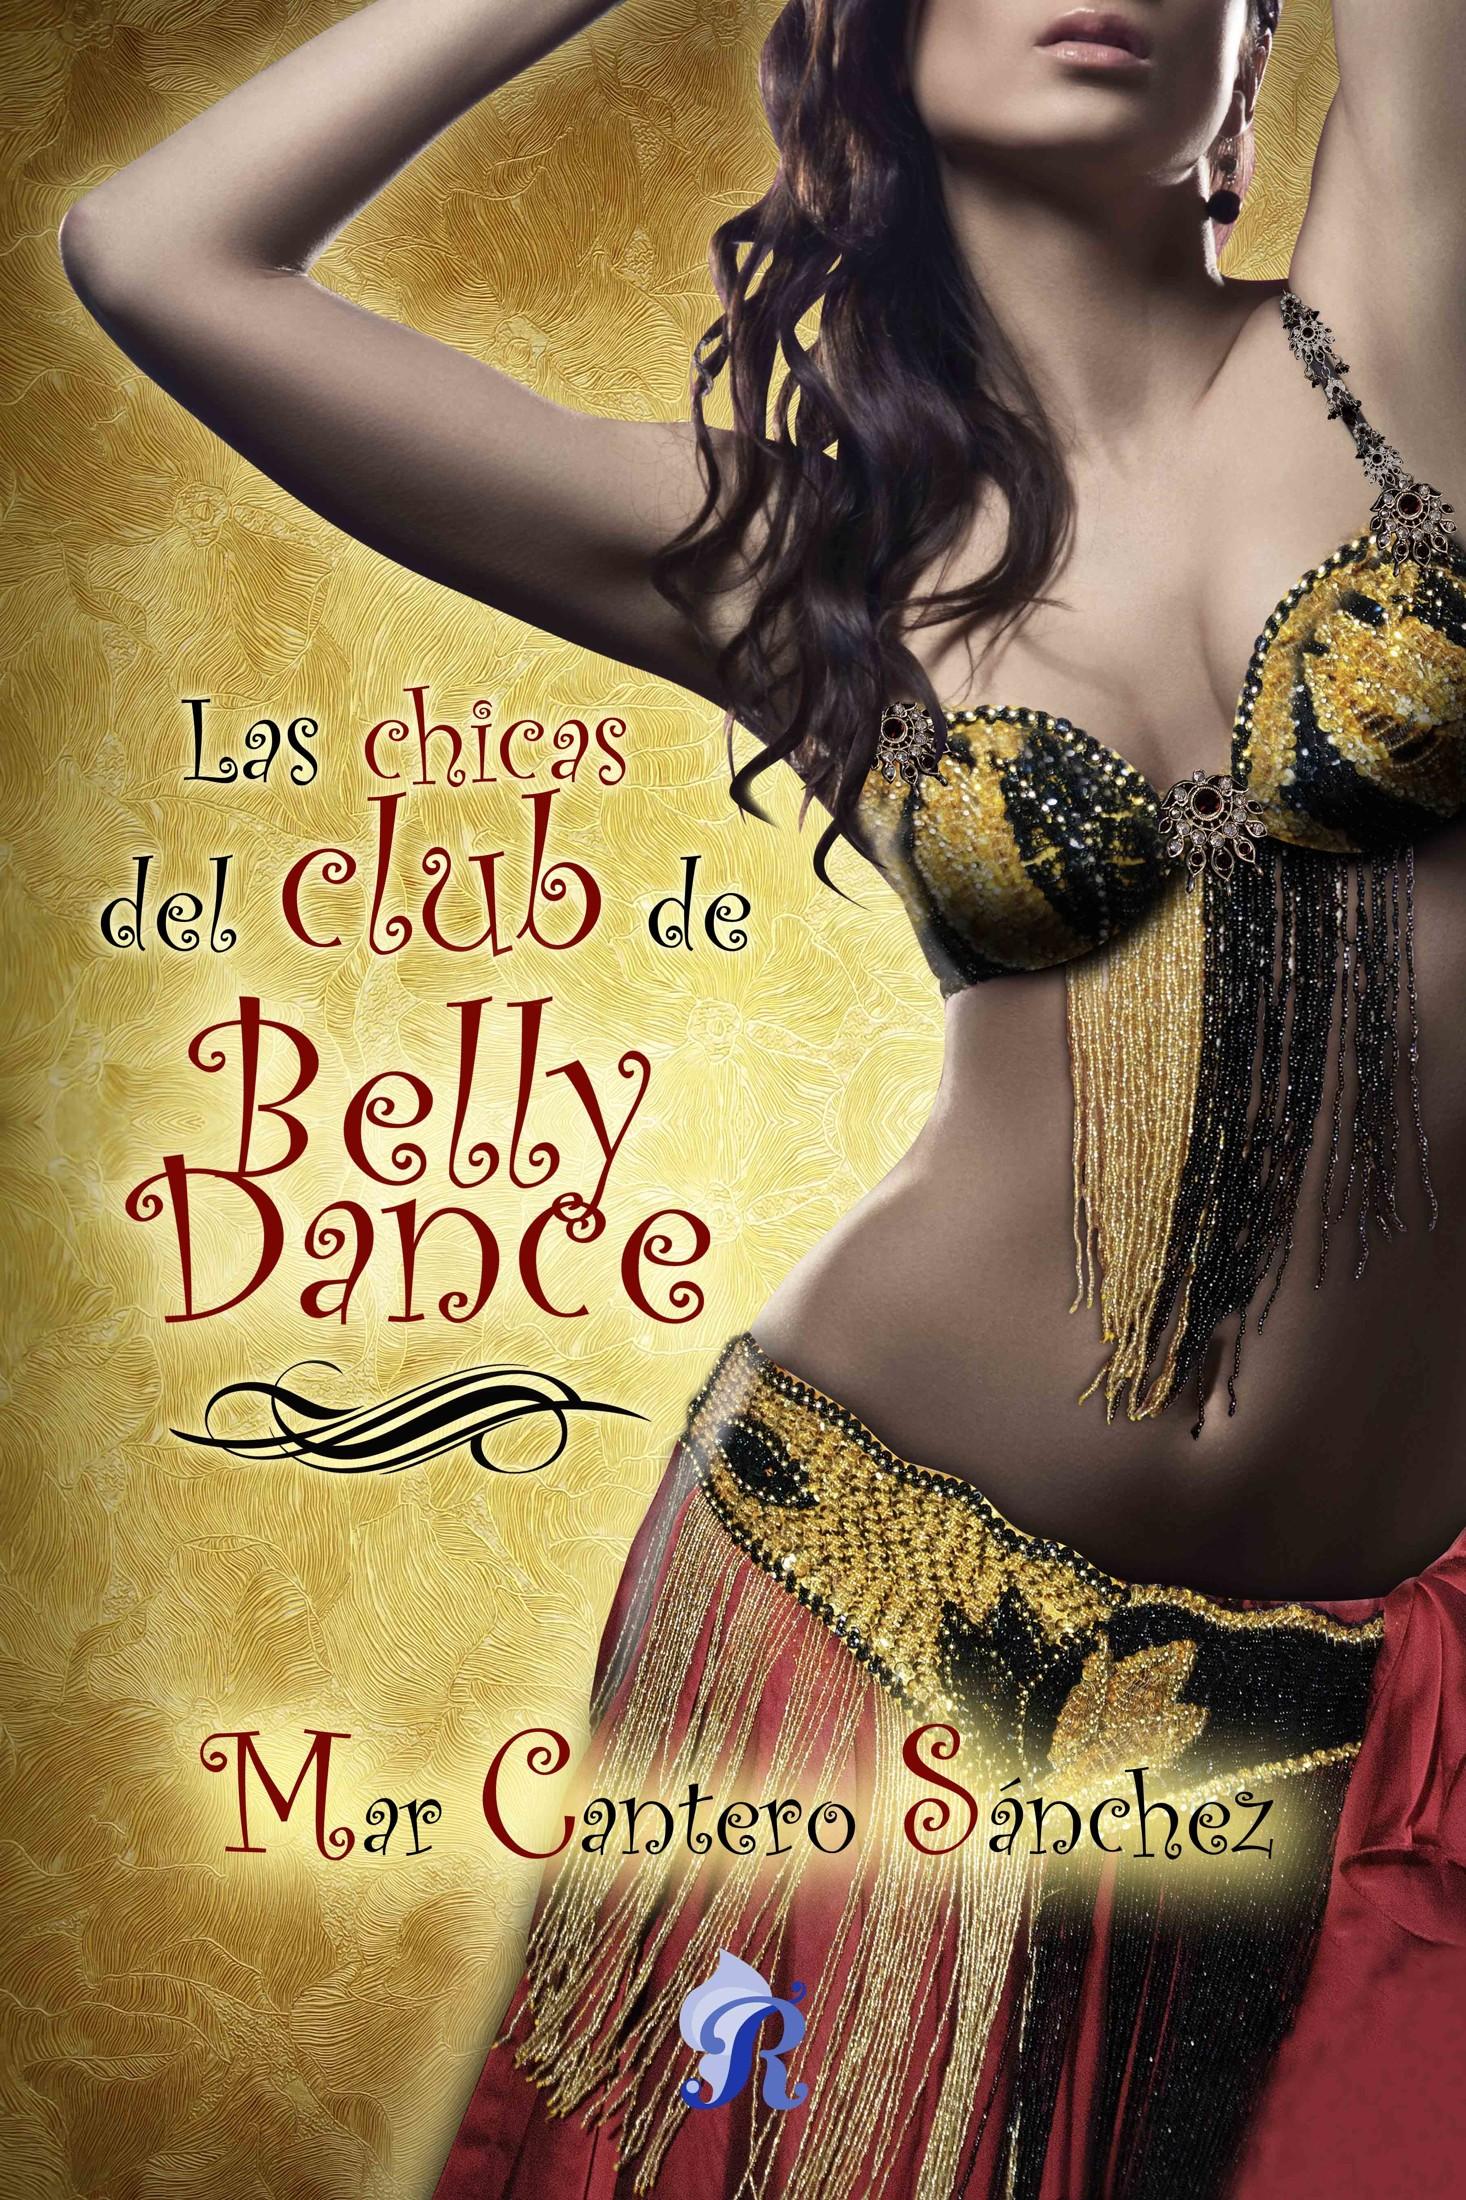 chicas-del-club-de-Belly-Dance-Las-Mar-Cantero-Sanchez.